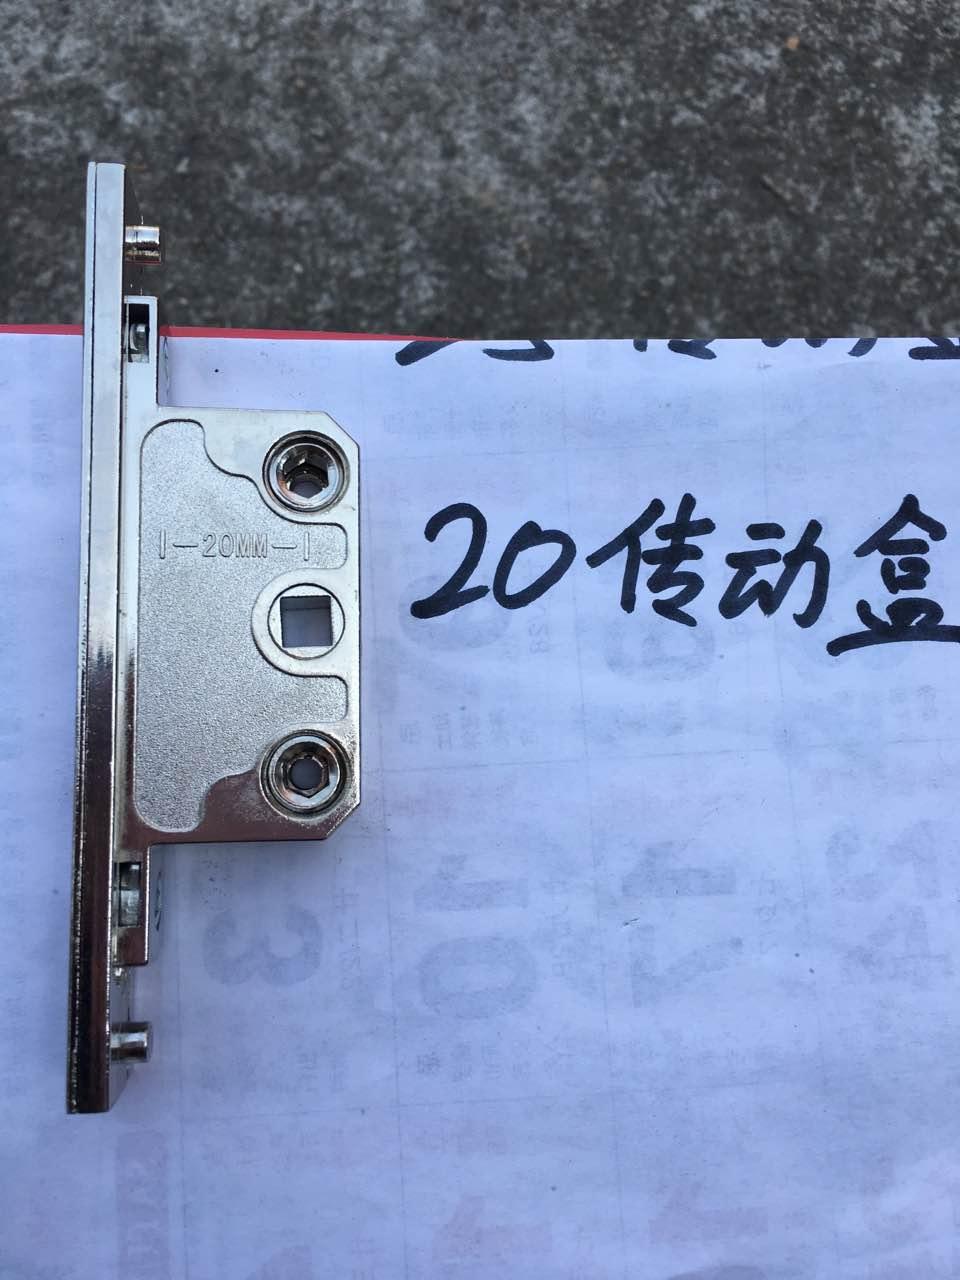 20传动锁盒 20传动锁盒批发 20传动锁盒厂商 高要20传动锁盒